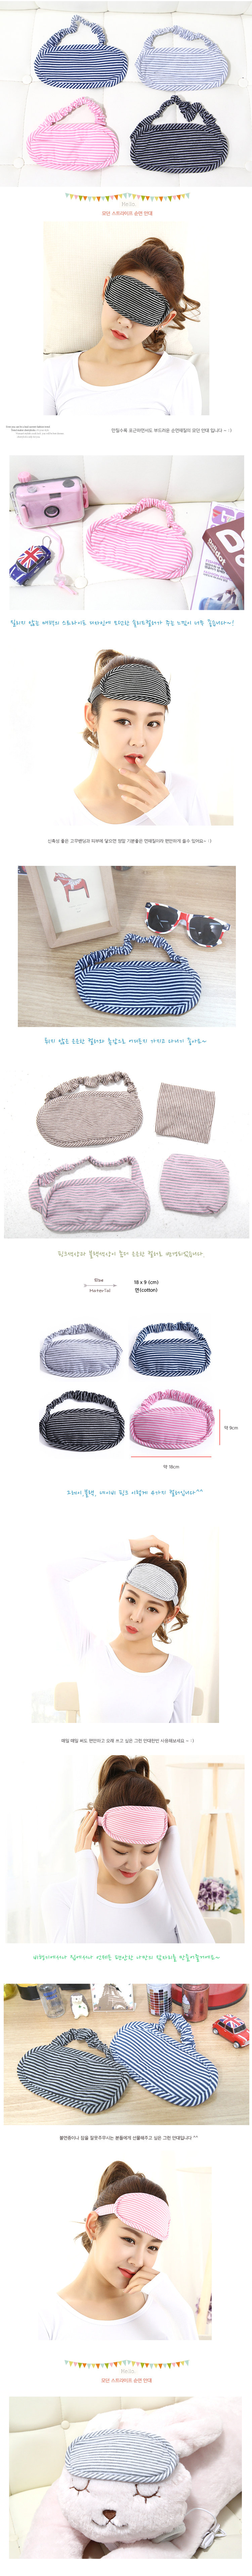 모던스트라이프순면안대 - 미스터고물상, 3,300원, 편의용품, 목쿠션/안대/슬리퍼